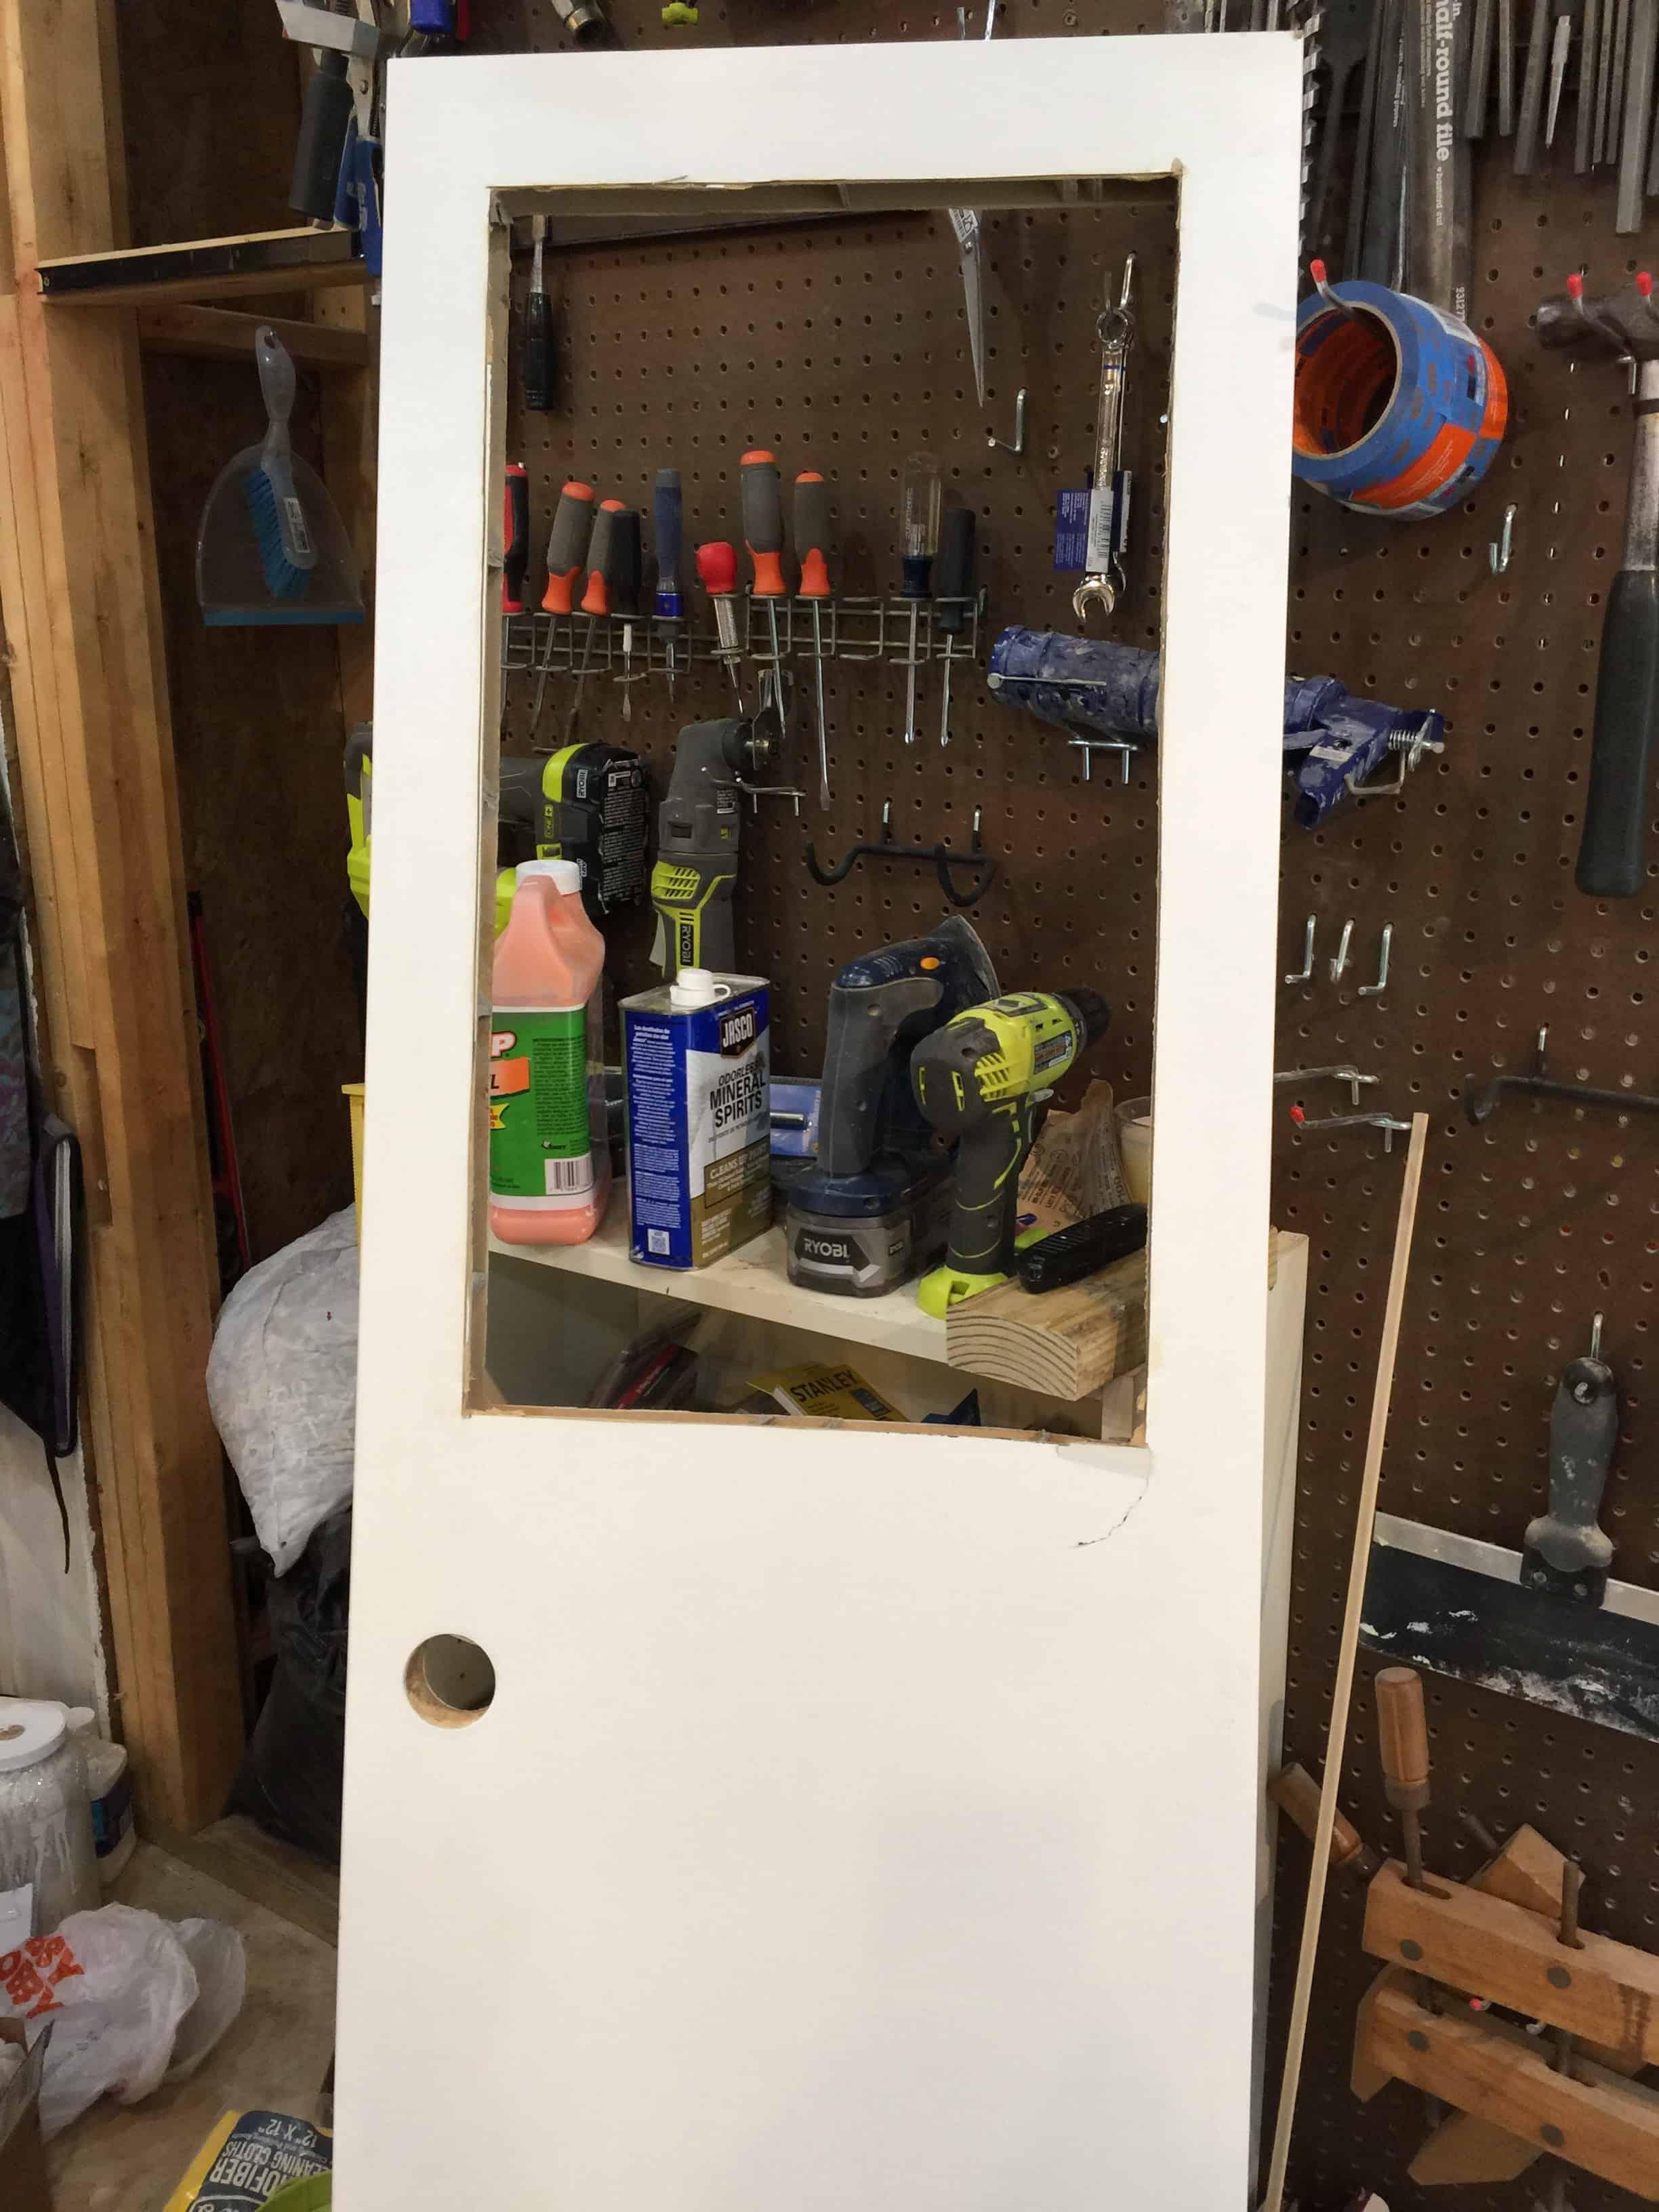 Saved by Scottie rv remodel door build window opening done